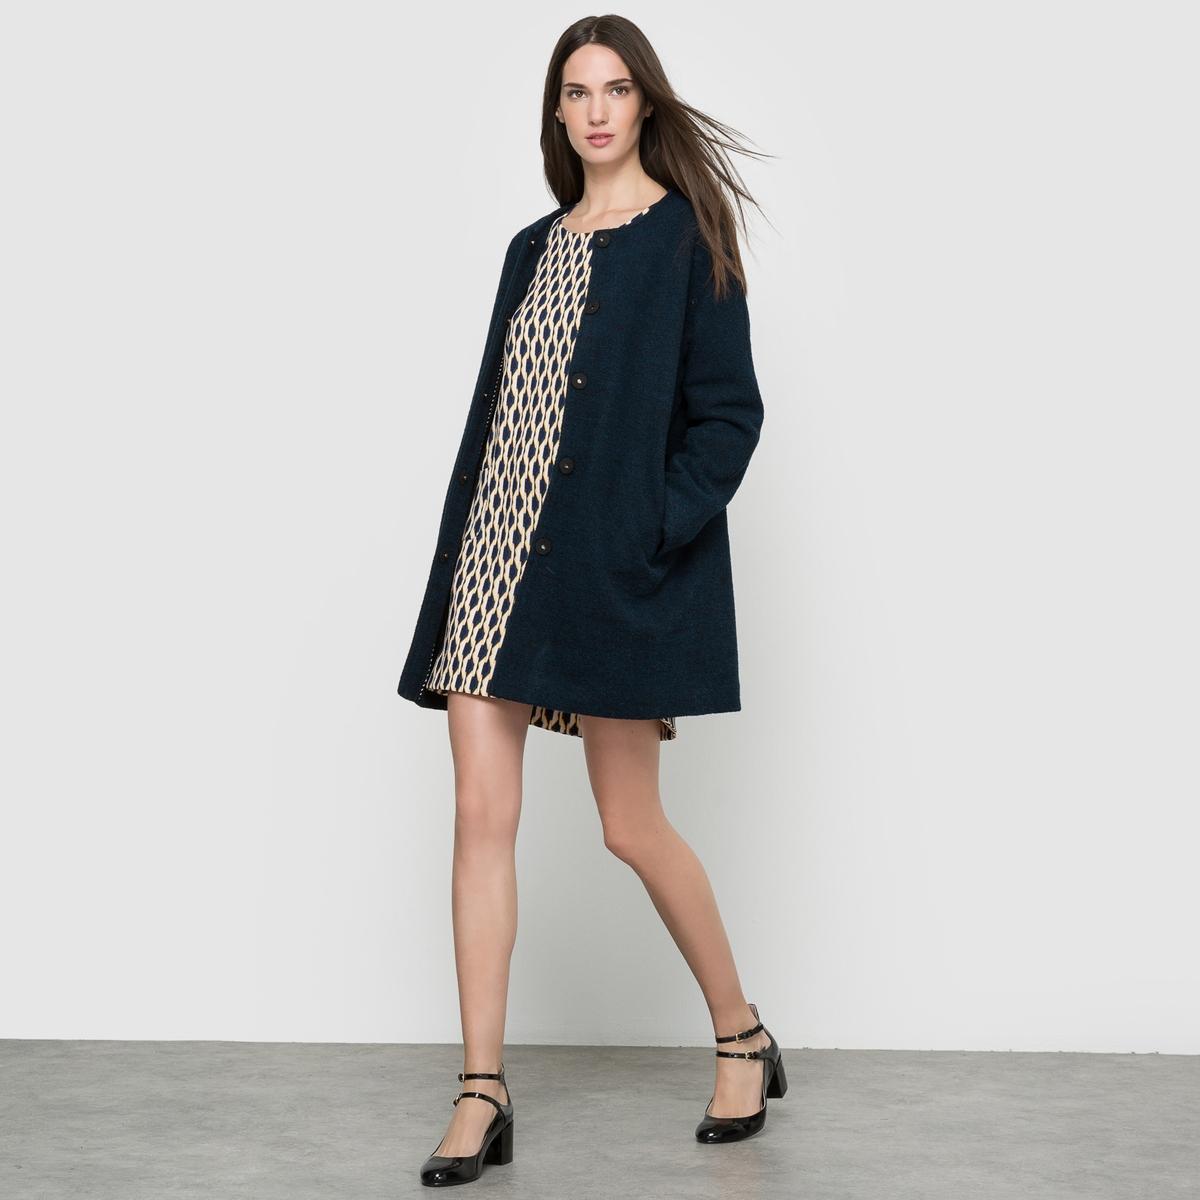 Пальто, 50% шерсти. пальто драповое 30% шерсти